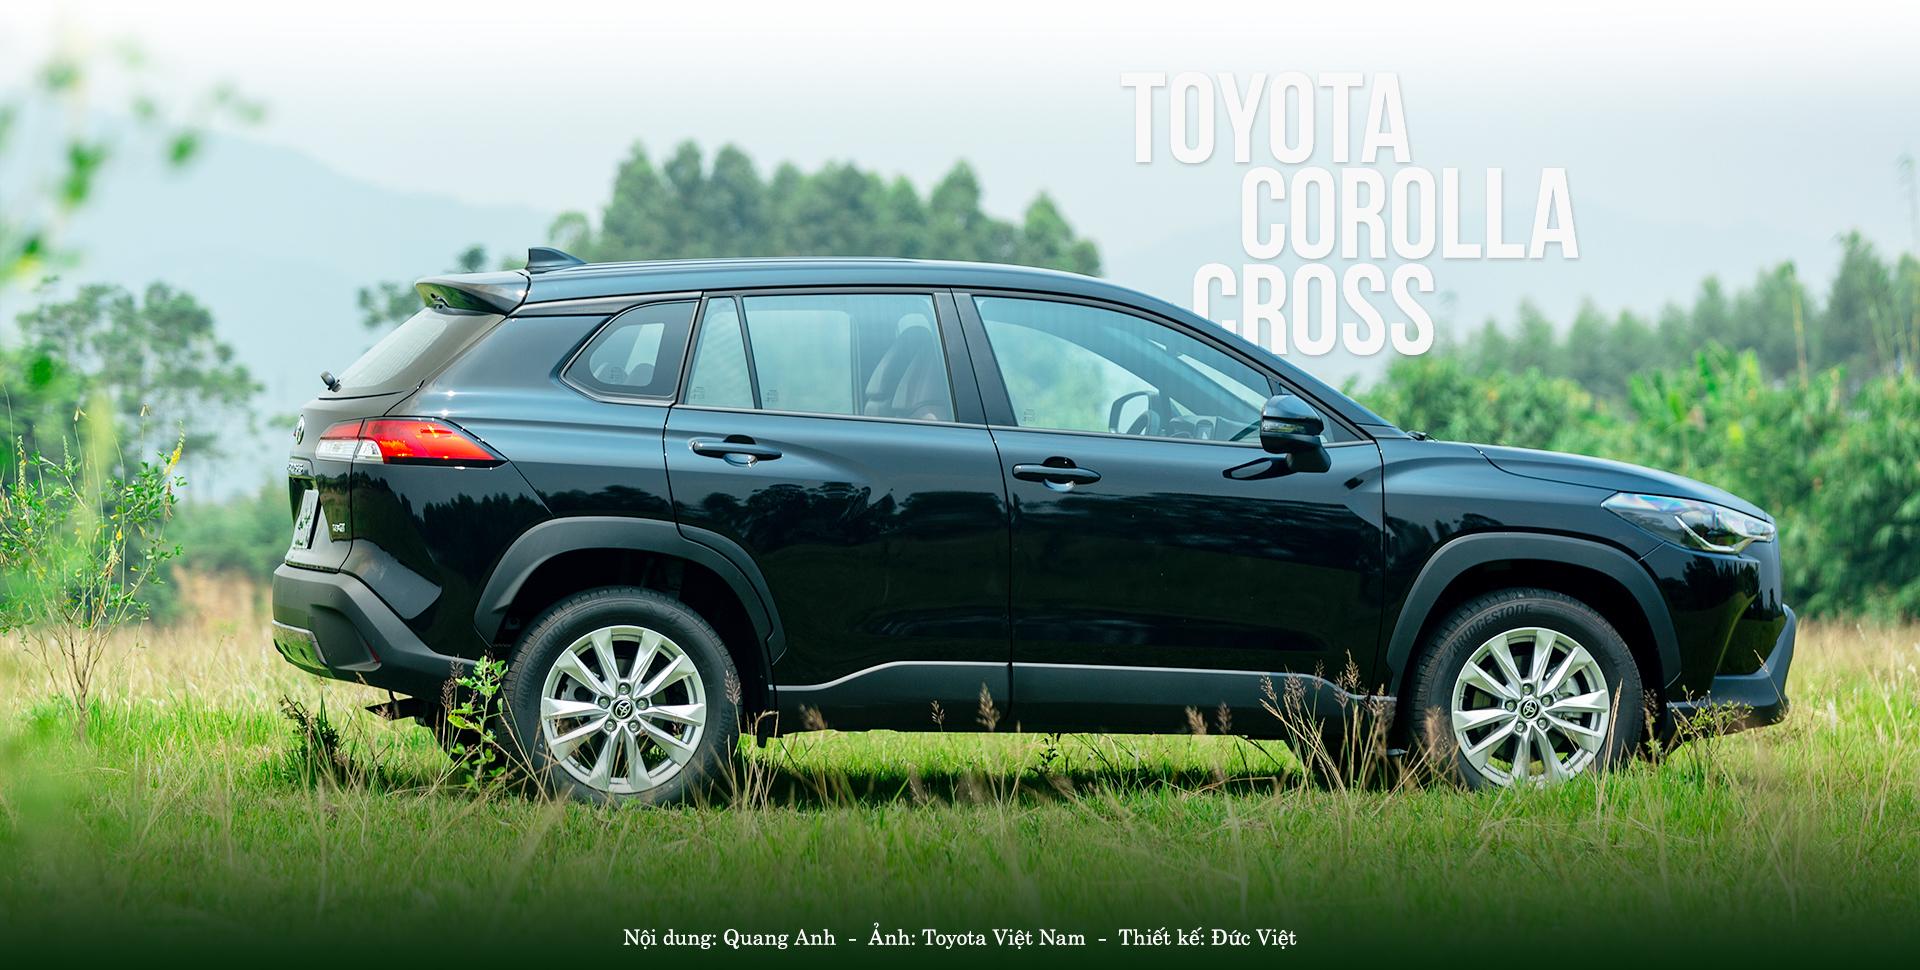 anh5 8925 1600051607 Toyota Corolla Cross bản tiêu chuẩn có gì trong tầm giá 720 triệu